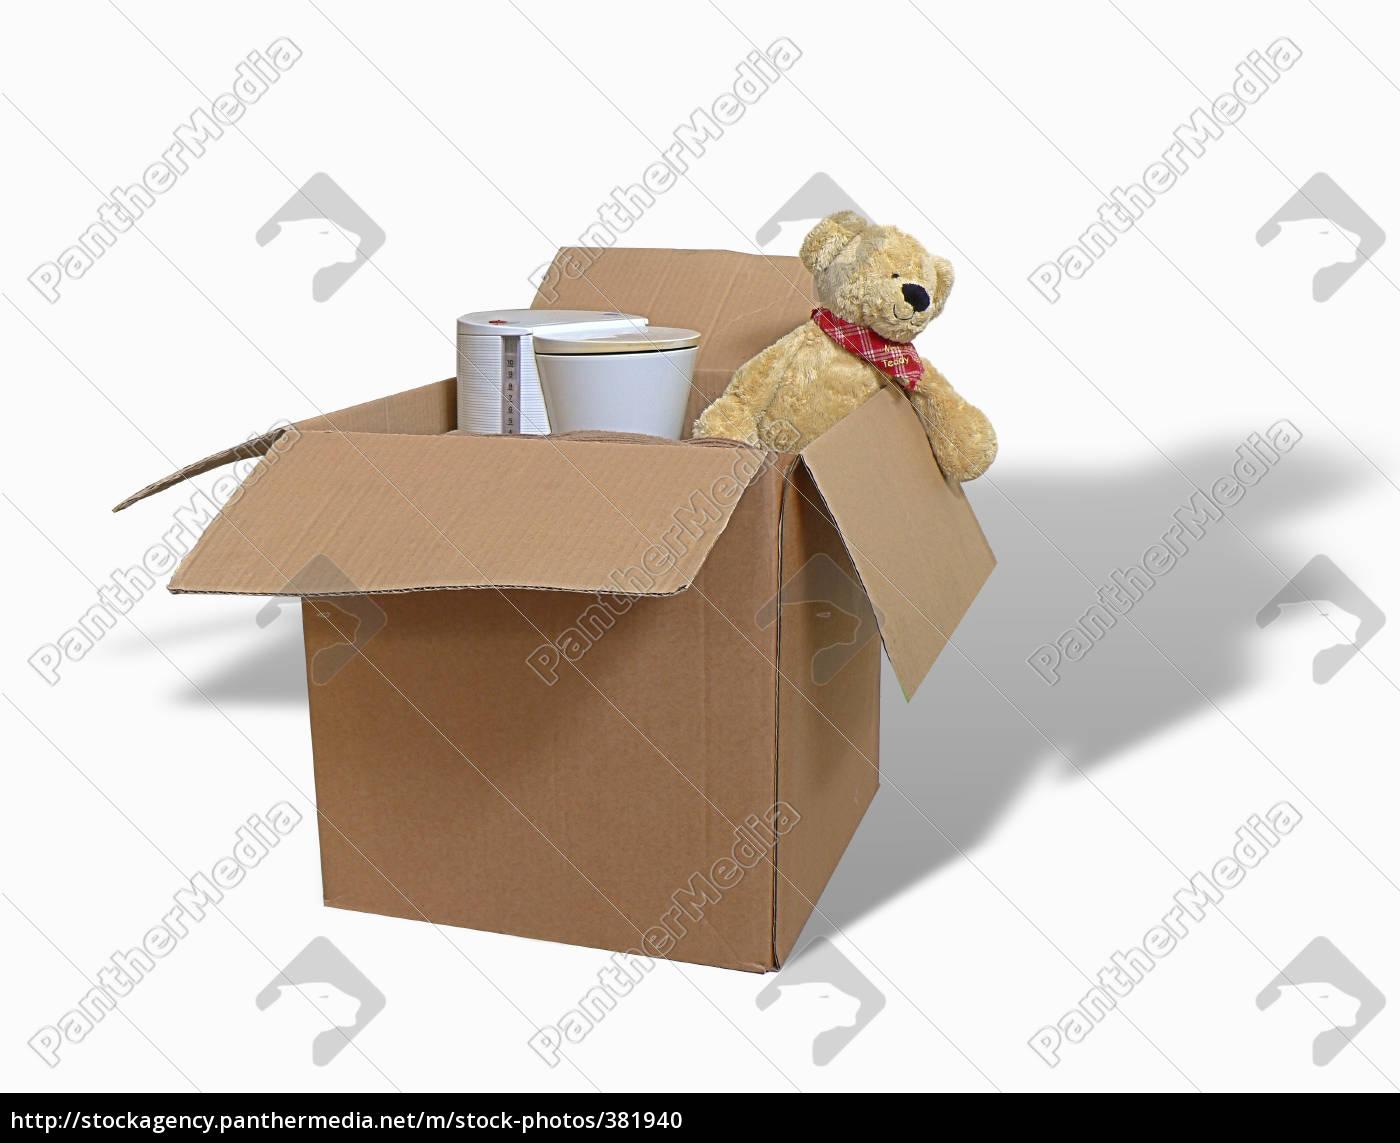 move - 381940